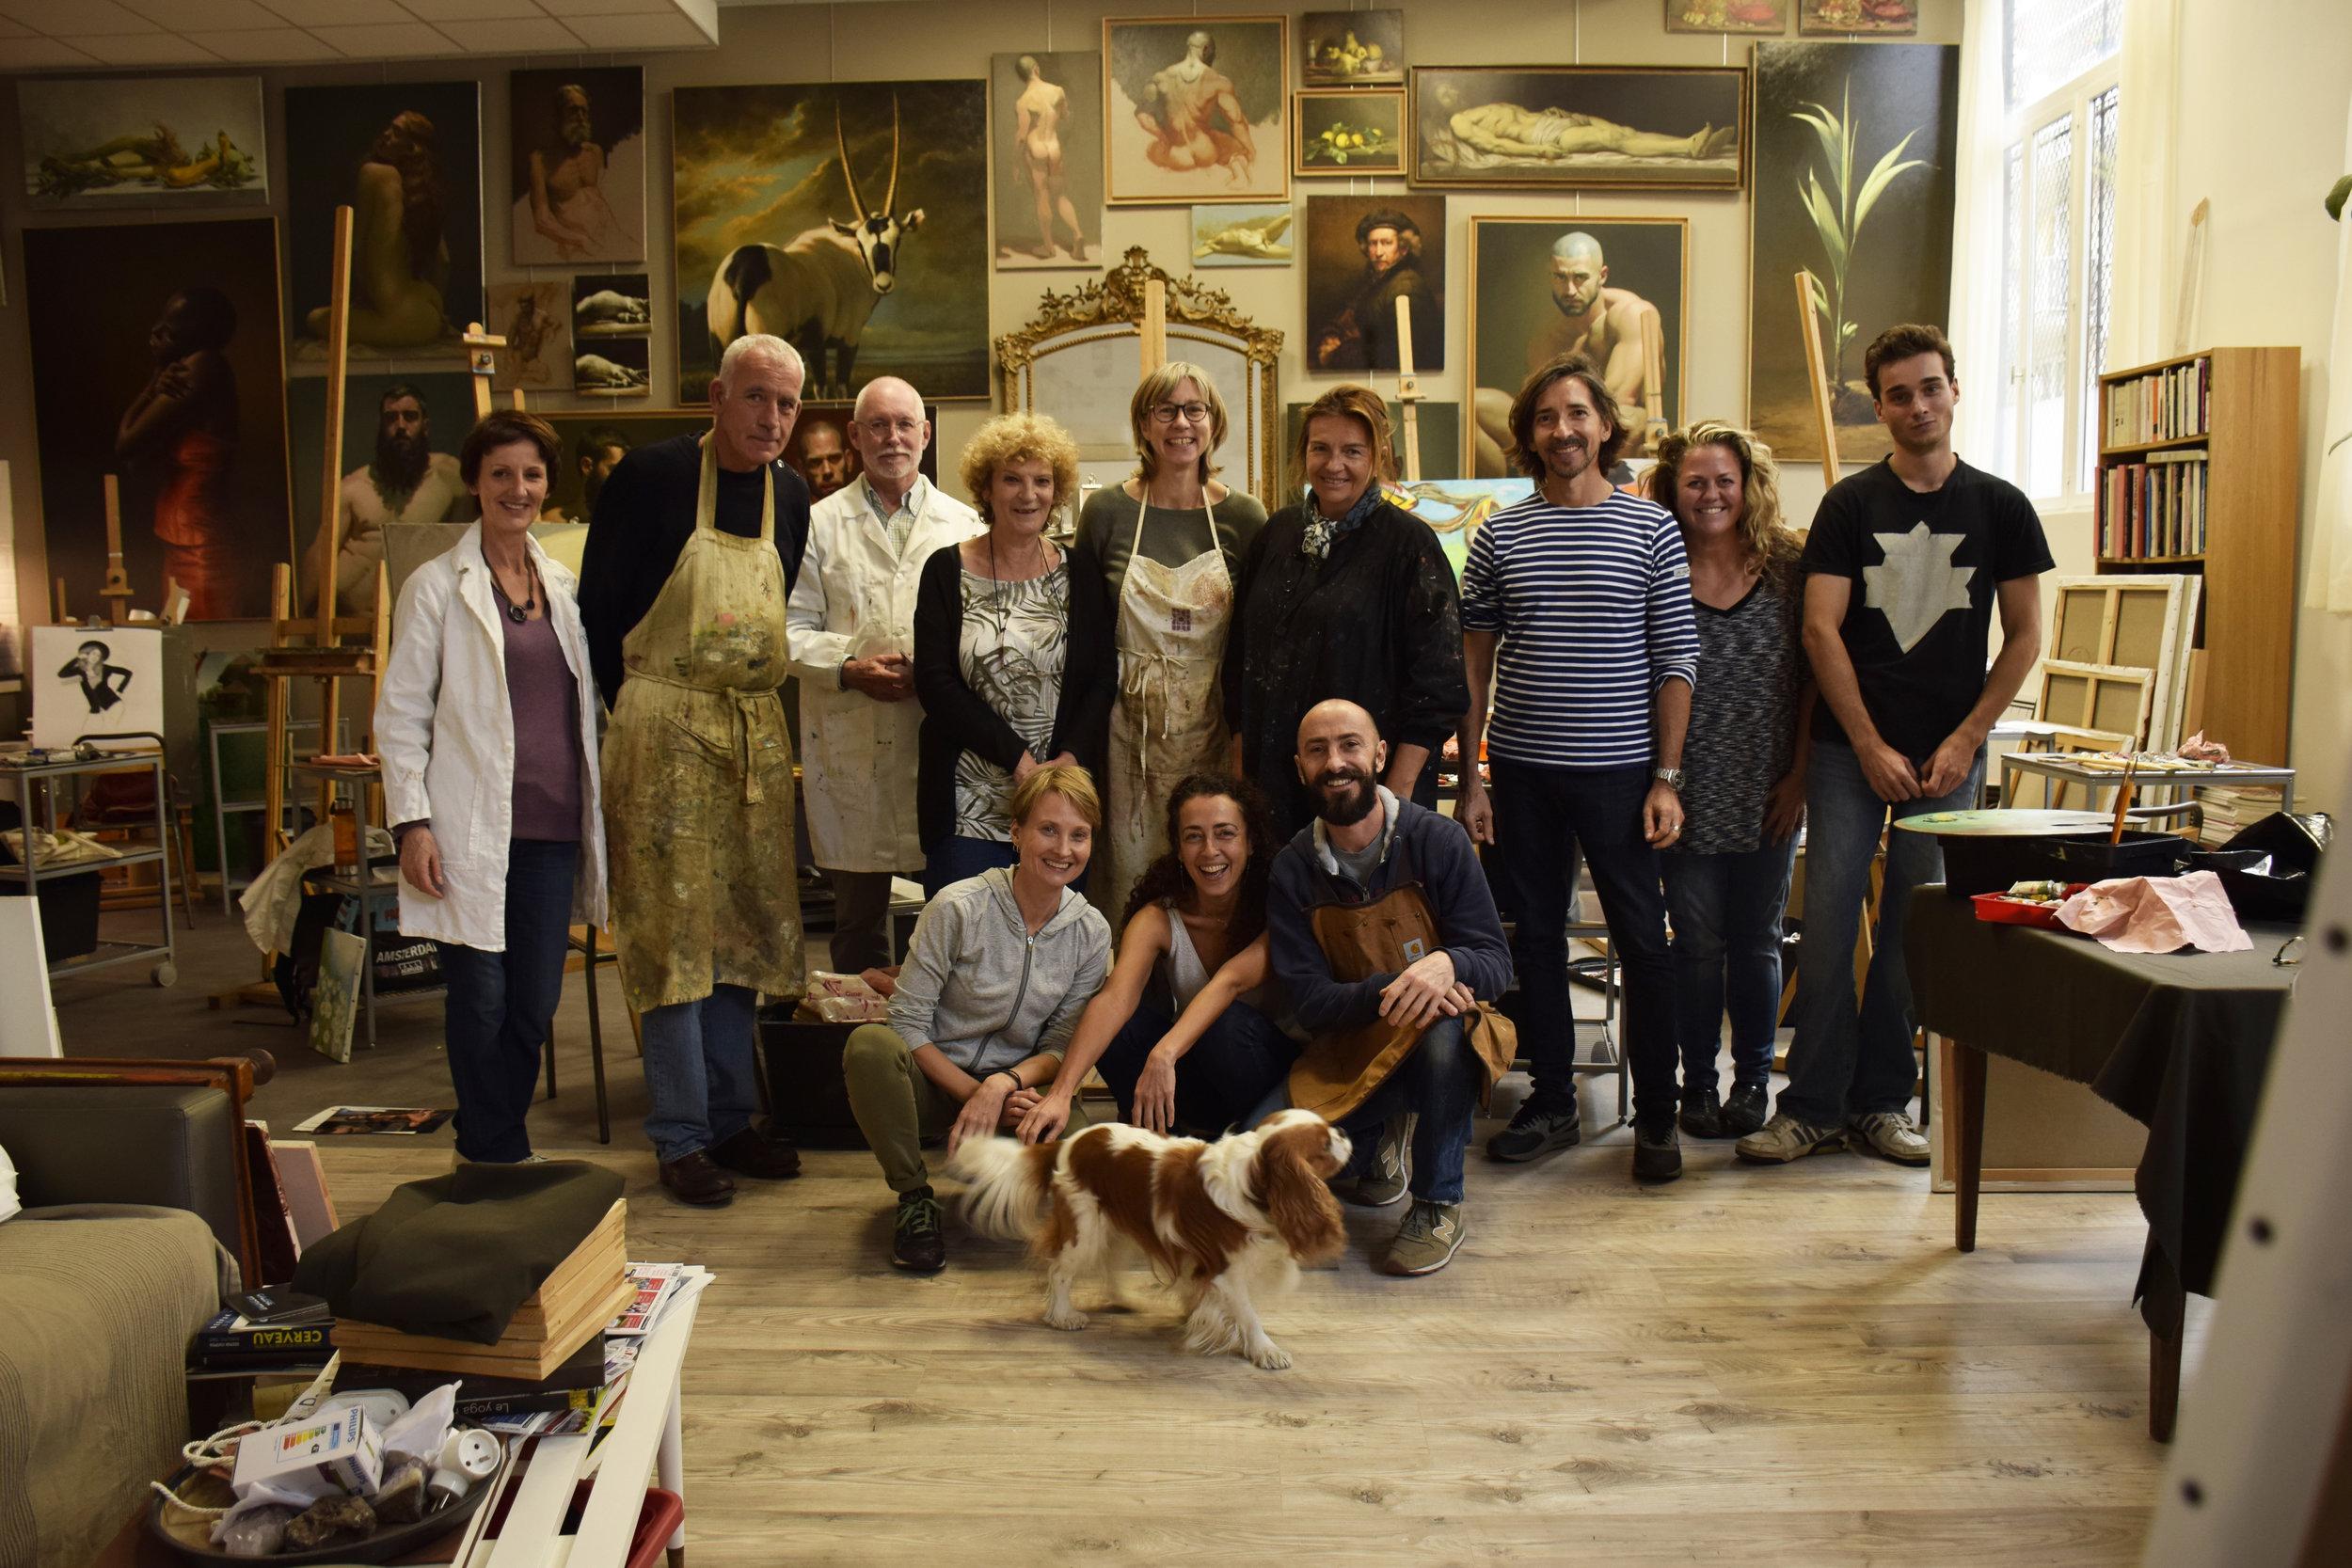 Participants aux cours de peinture dans son atelier à Montreuil, aux portes de Paris à proximité de Vincennes, Saint Mandé et Fontenay-sous-bois.